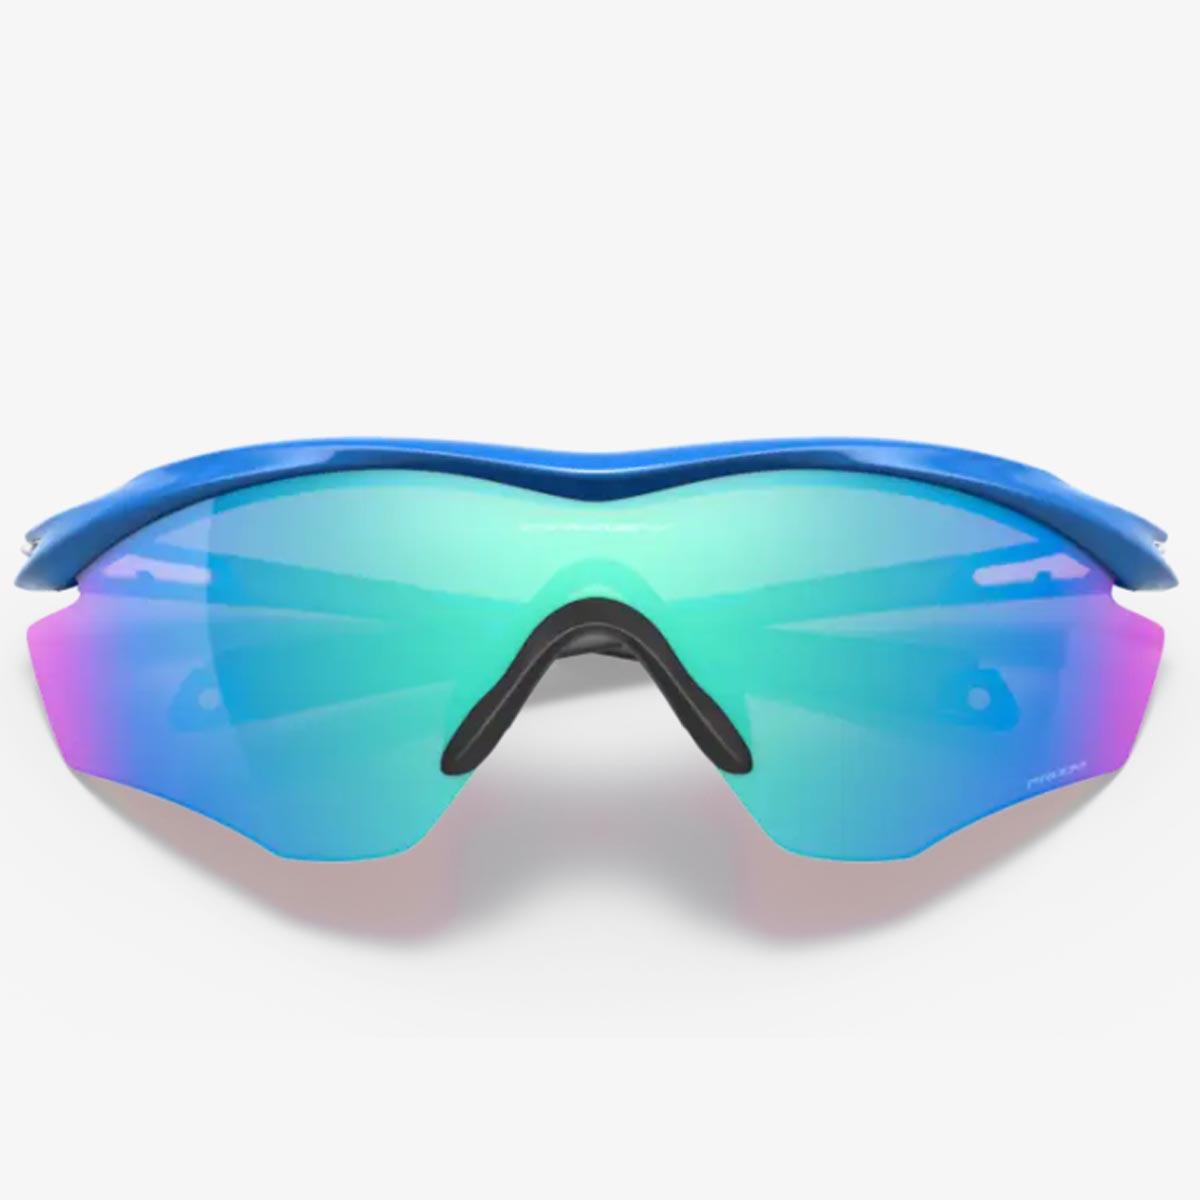 Oculos Para Ciclismo Oakley M2 Frame XL Azul Com Lente Prizm Sapphire Espelhada Azul